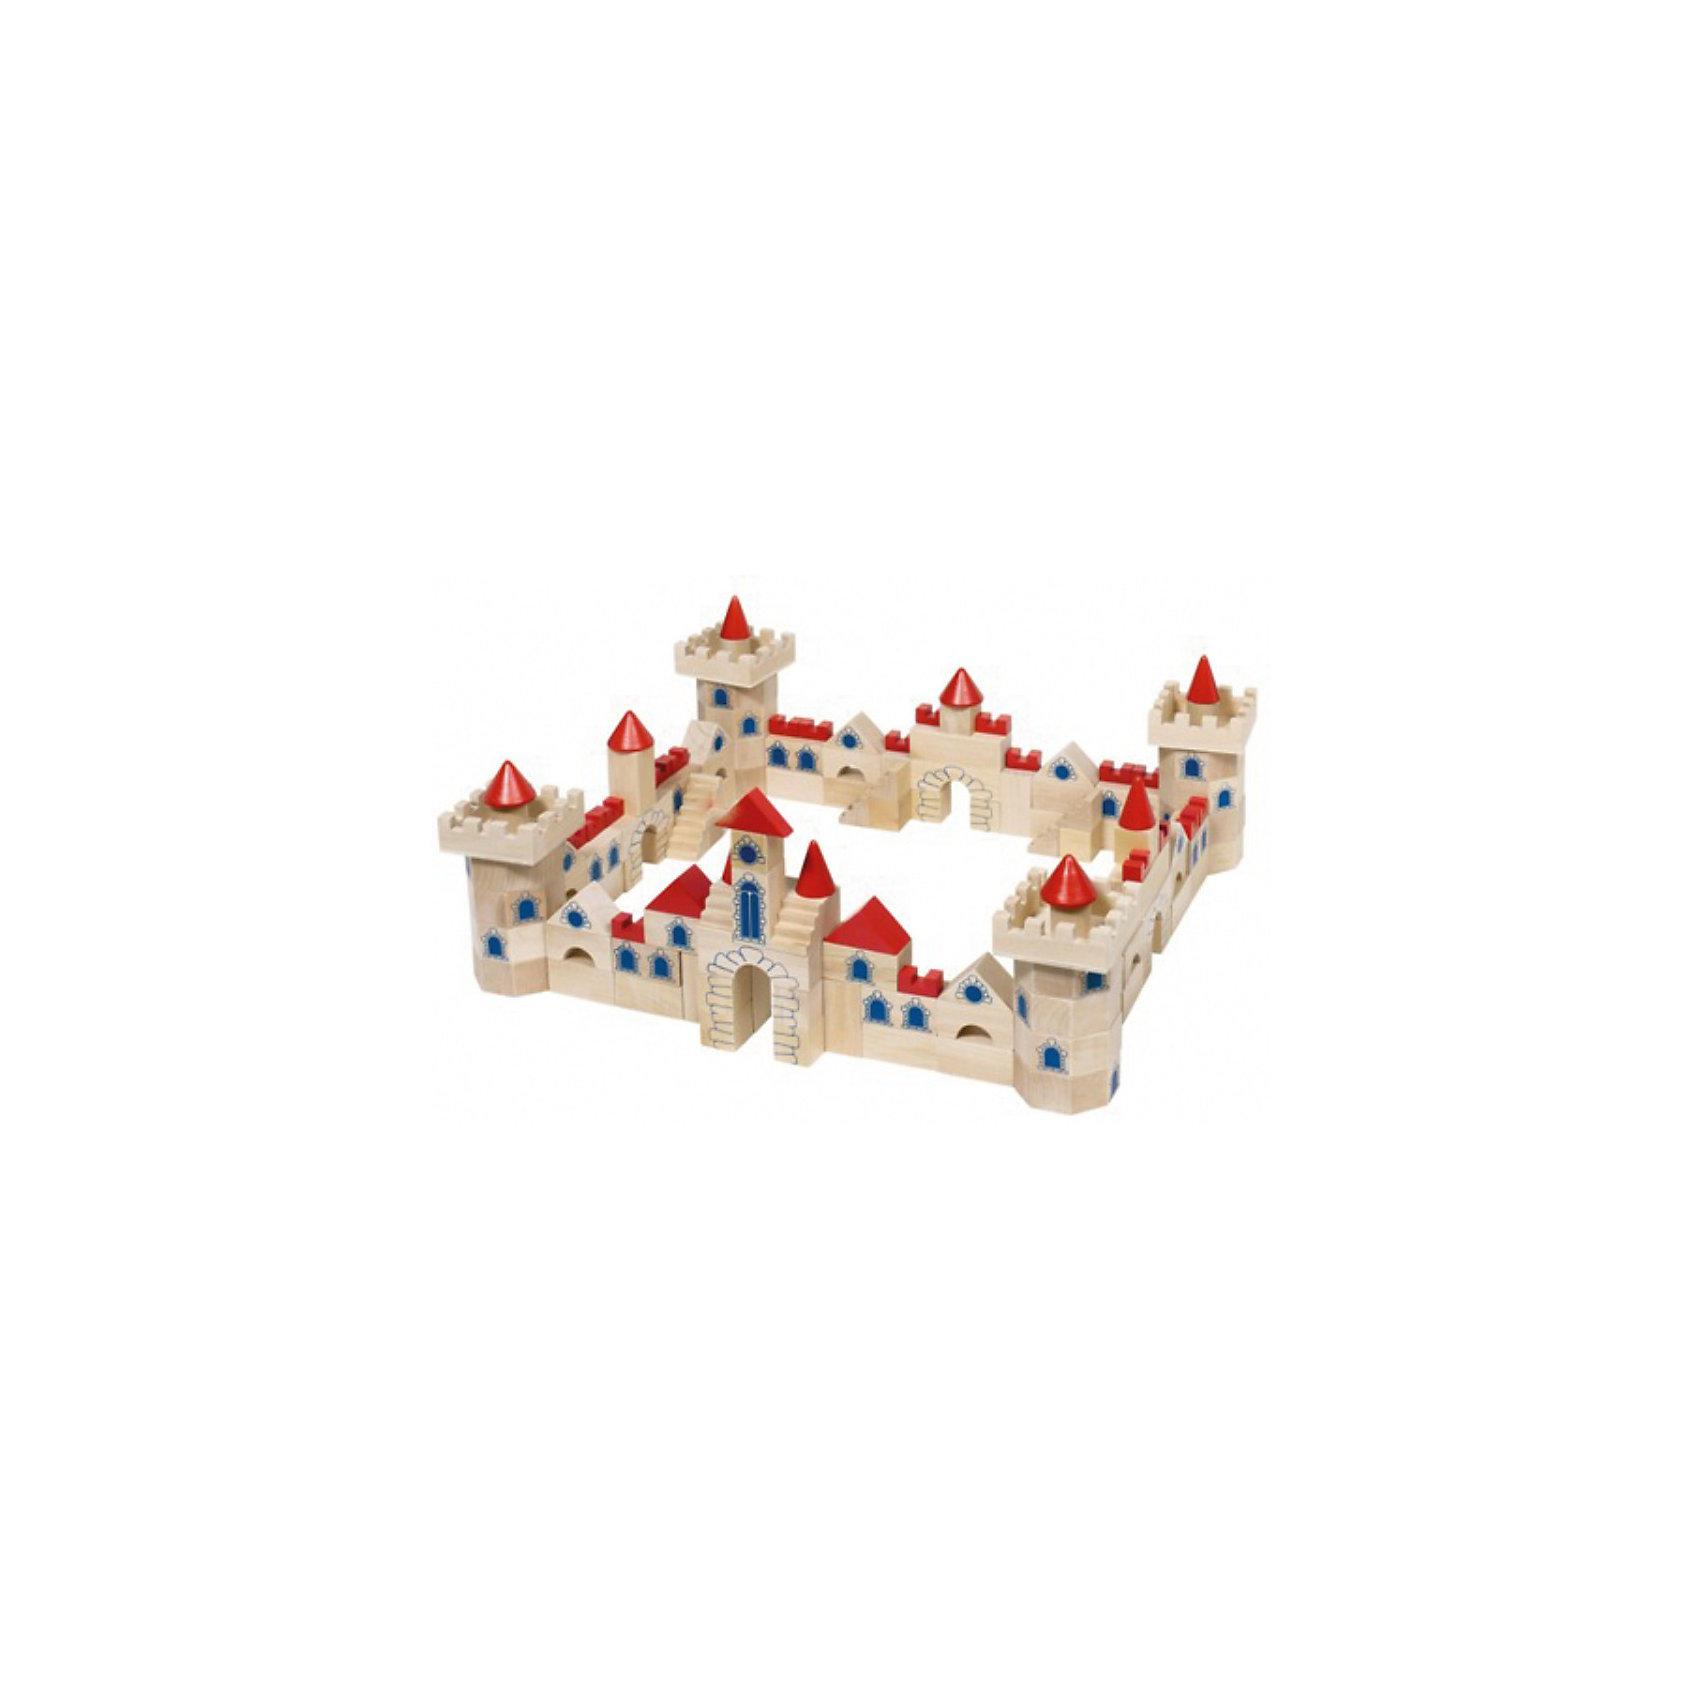 TOYS PURE Деревянный конструктор Рыцарский замокДеревянные конструкторы<br>Деревянный конструктор для строительства большого замка из элементов различной формы и назначения. <br><br>Строительные блоки выполнены из гладкого неокрашенного дерева, на некоторых нарисованы контуры камней, окна. Кубики-блоки для крыш и башенных зубцов окрашены в ярко-красный цвет.<br><br>В комплекте блоки разнообразных форм – бруски, кубы, цилиндры, треугольники, конуса, шестигранники и другие.<br><br>Можно возвести настоящий рыцарский замок, как на упаковке, или придумать самому.<br><br>Игра со строительными кубиками развивает фантазию и воображение, пространственное представление, конструкторские способности и логическое мышление, а также мелкую моторику рук, ловкость и координацию движений.<br><br>Дополнительная информация:<br><br>Кубики уложены в удобный деревянный ящичек со сдвижной крышкой.<br><br>В комплекте 145 блоков различной формы.<br><br>Материал дерево – экологически чистый материал, стойкие безопасные краски.<br><br>Размер упаковки: 42,5 х 27 х 7 см.<br><br>Вес с упаковкой: 3,7 кг.<br><br>Построй замок своей мечты!<br><br>Ширина мм: 415<br>Глубина мм: 64<br>Высота мм: 256<br>Вес г: 3696<br>Возраст от месяцев: 36<br>Возраст до месяцев: 72<br>Пол: Мужской<br>Возраст: Детский<br>SKU: 2328673